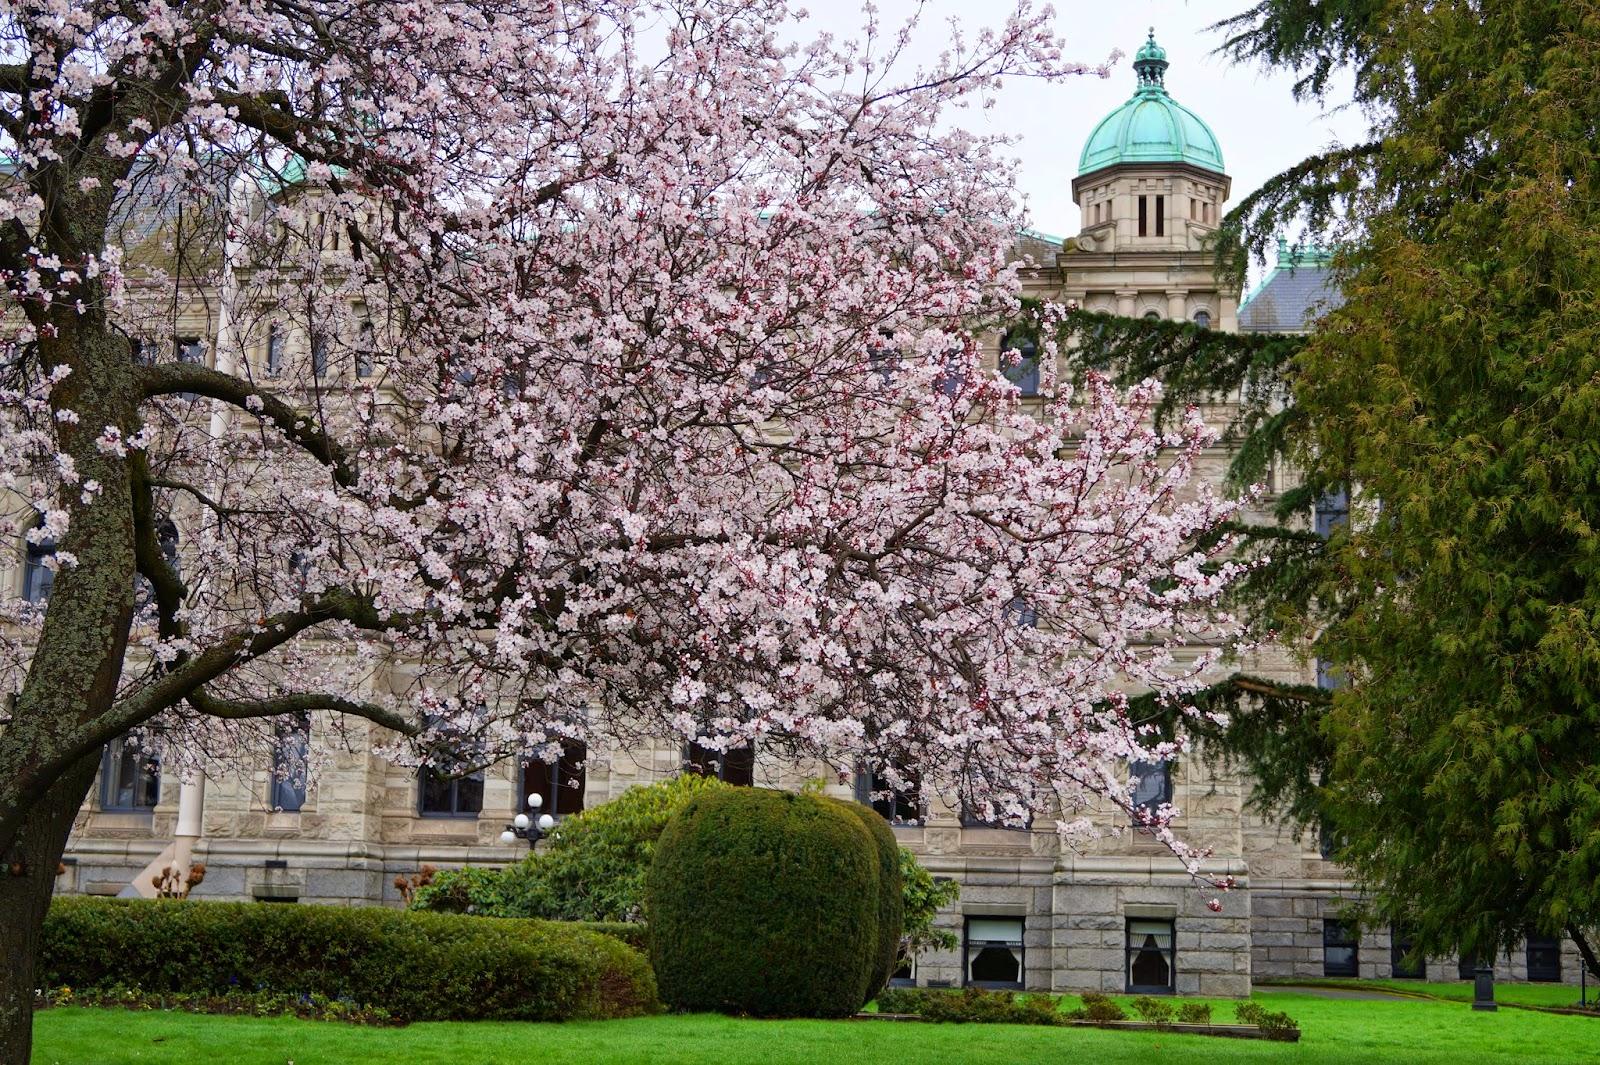 В Виктории сакуры зацветают в феврале